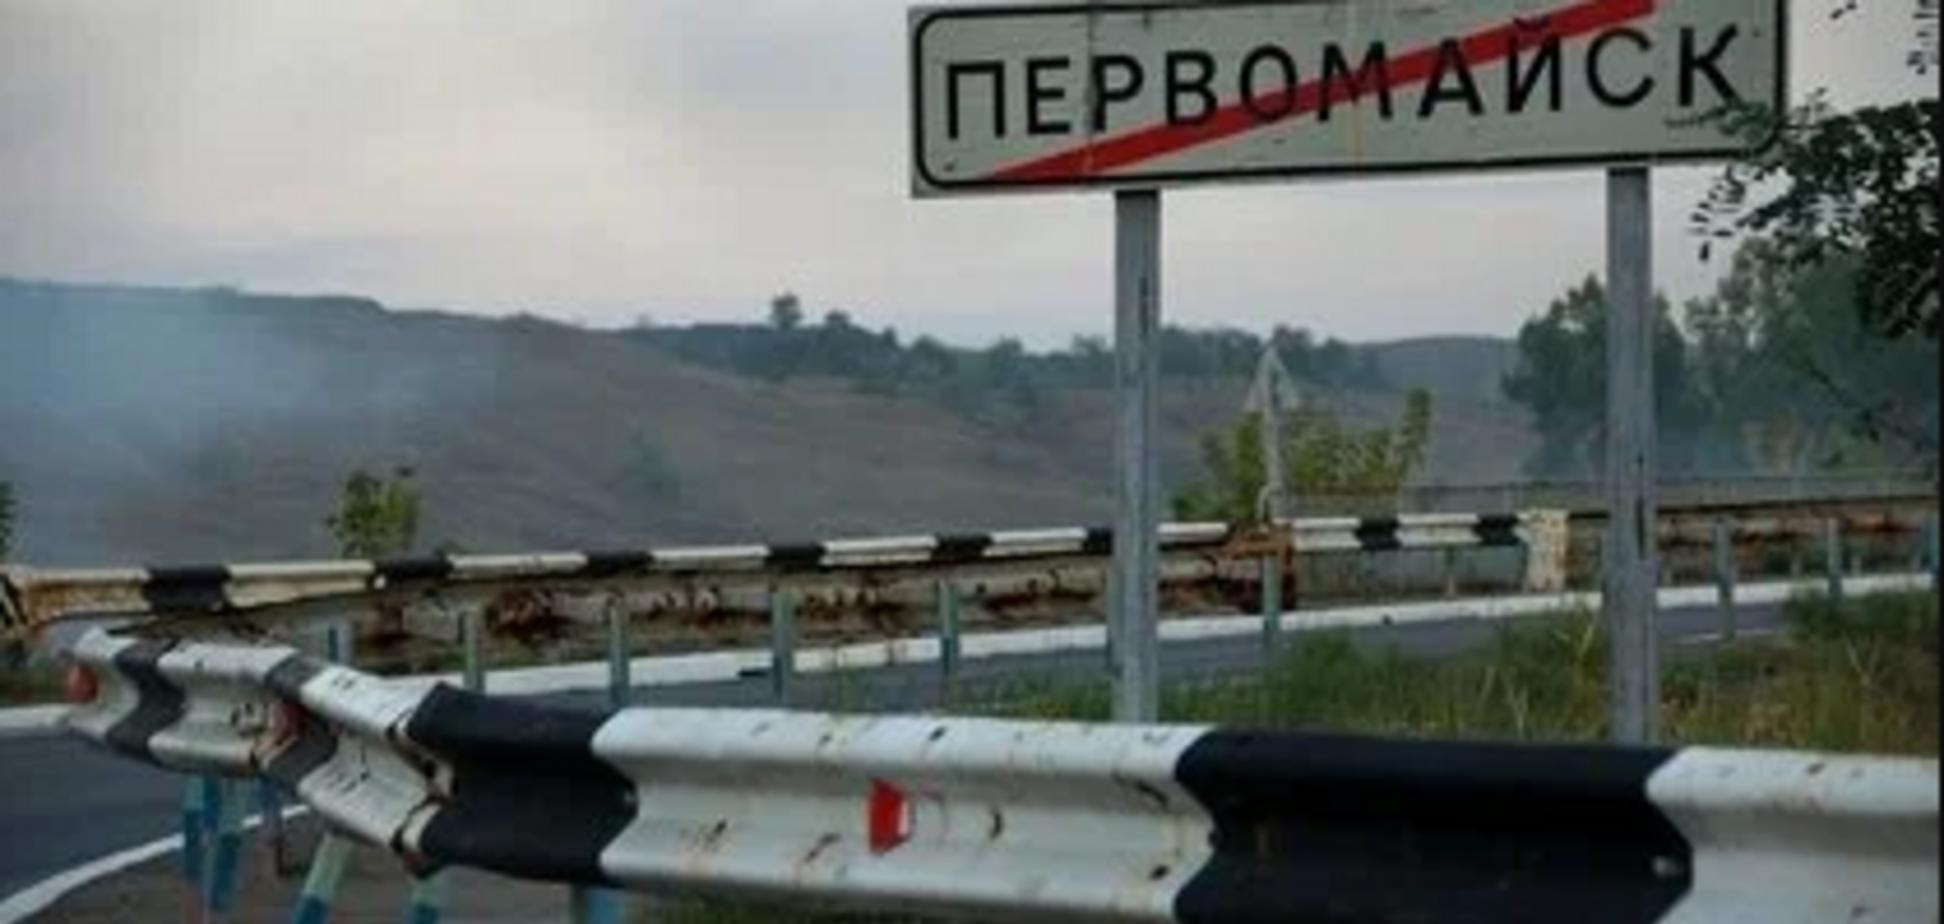 Обстрел Первомайска. Кому нужен 'багровый окрас' украинских выборов